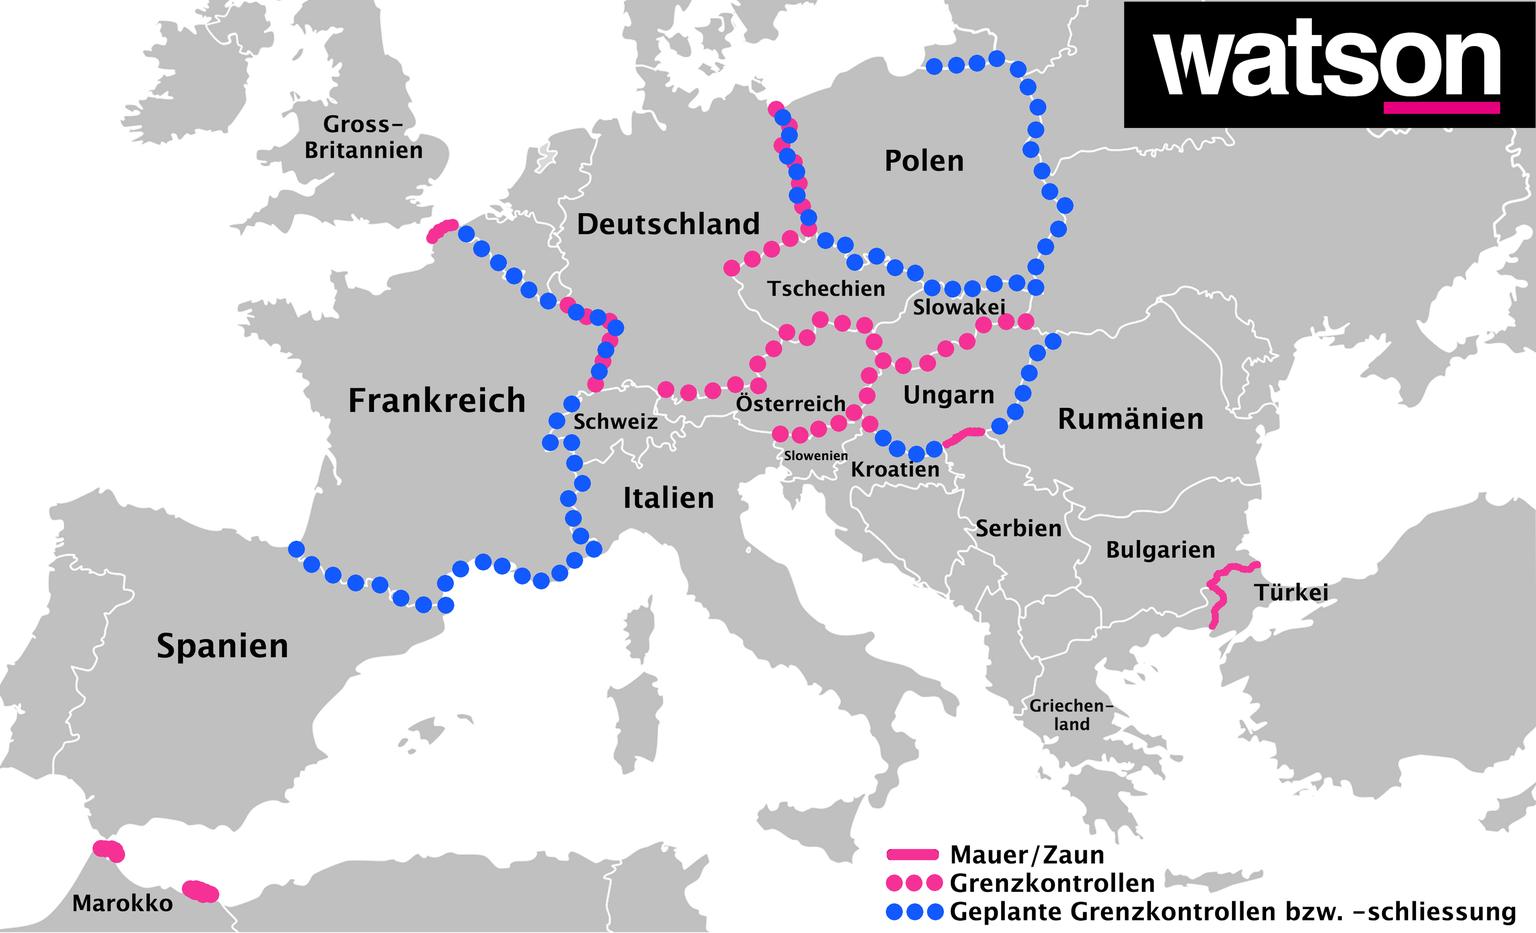 Länder Europas Karte.Europa Karte Diese Länder Schliessen Ihre Grenzen Watson